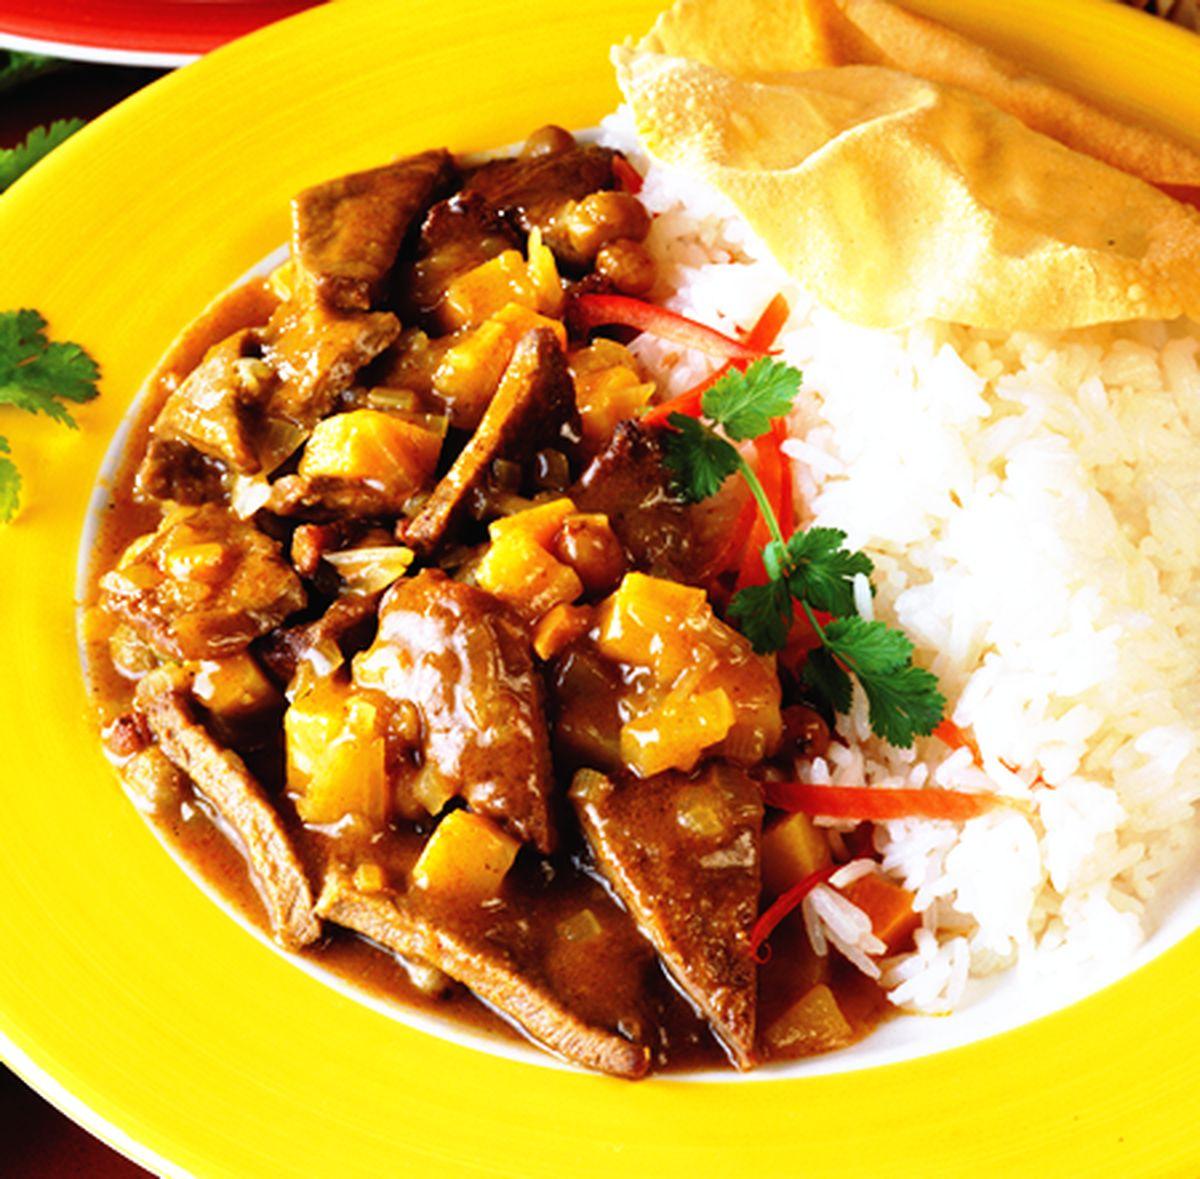 食譜:印度咖喱炸小牛肉片